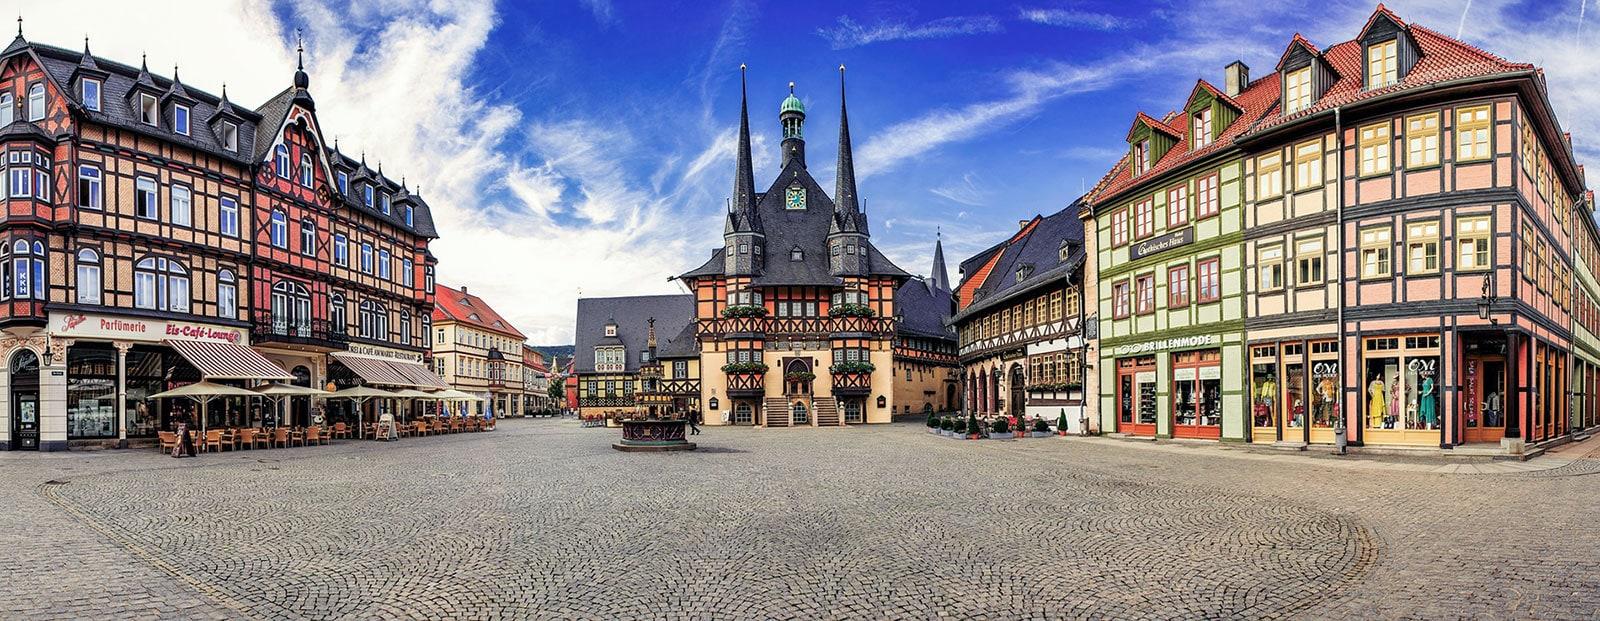 Wernigerode, Marktplatz, Rathaus, Brunnen, Gothisches Haus, Sehenswürdigkeiten, Fotospot, Reisebericht